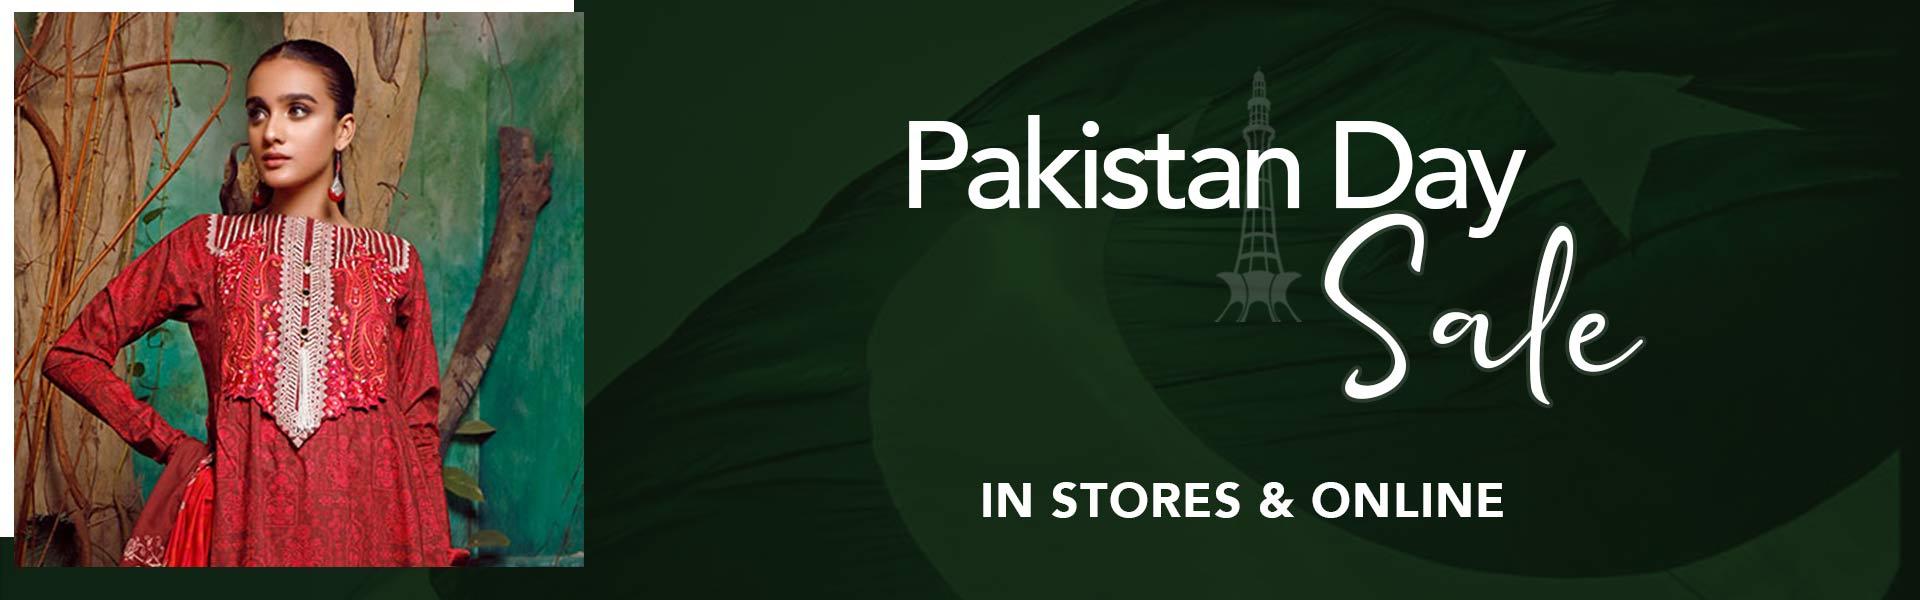 Oaks - Pakistan Day Sale